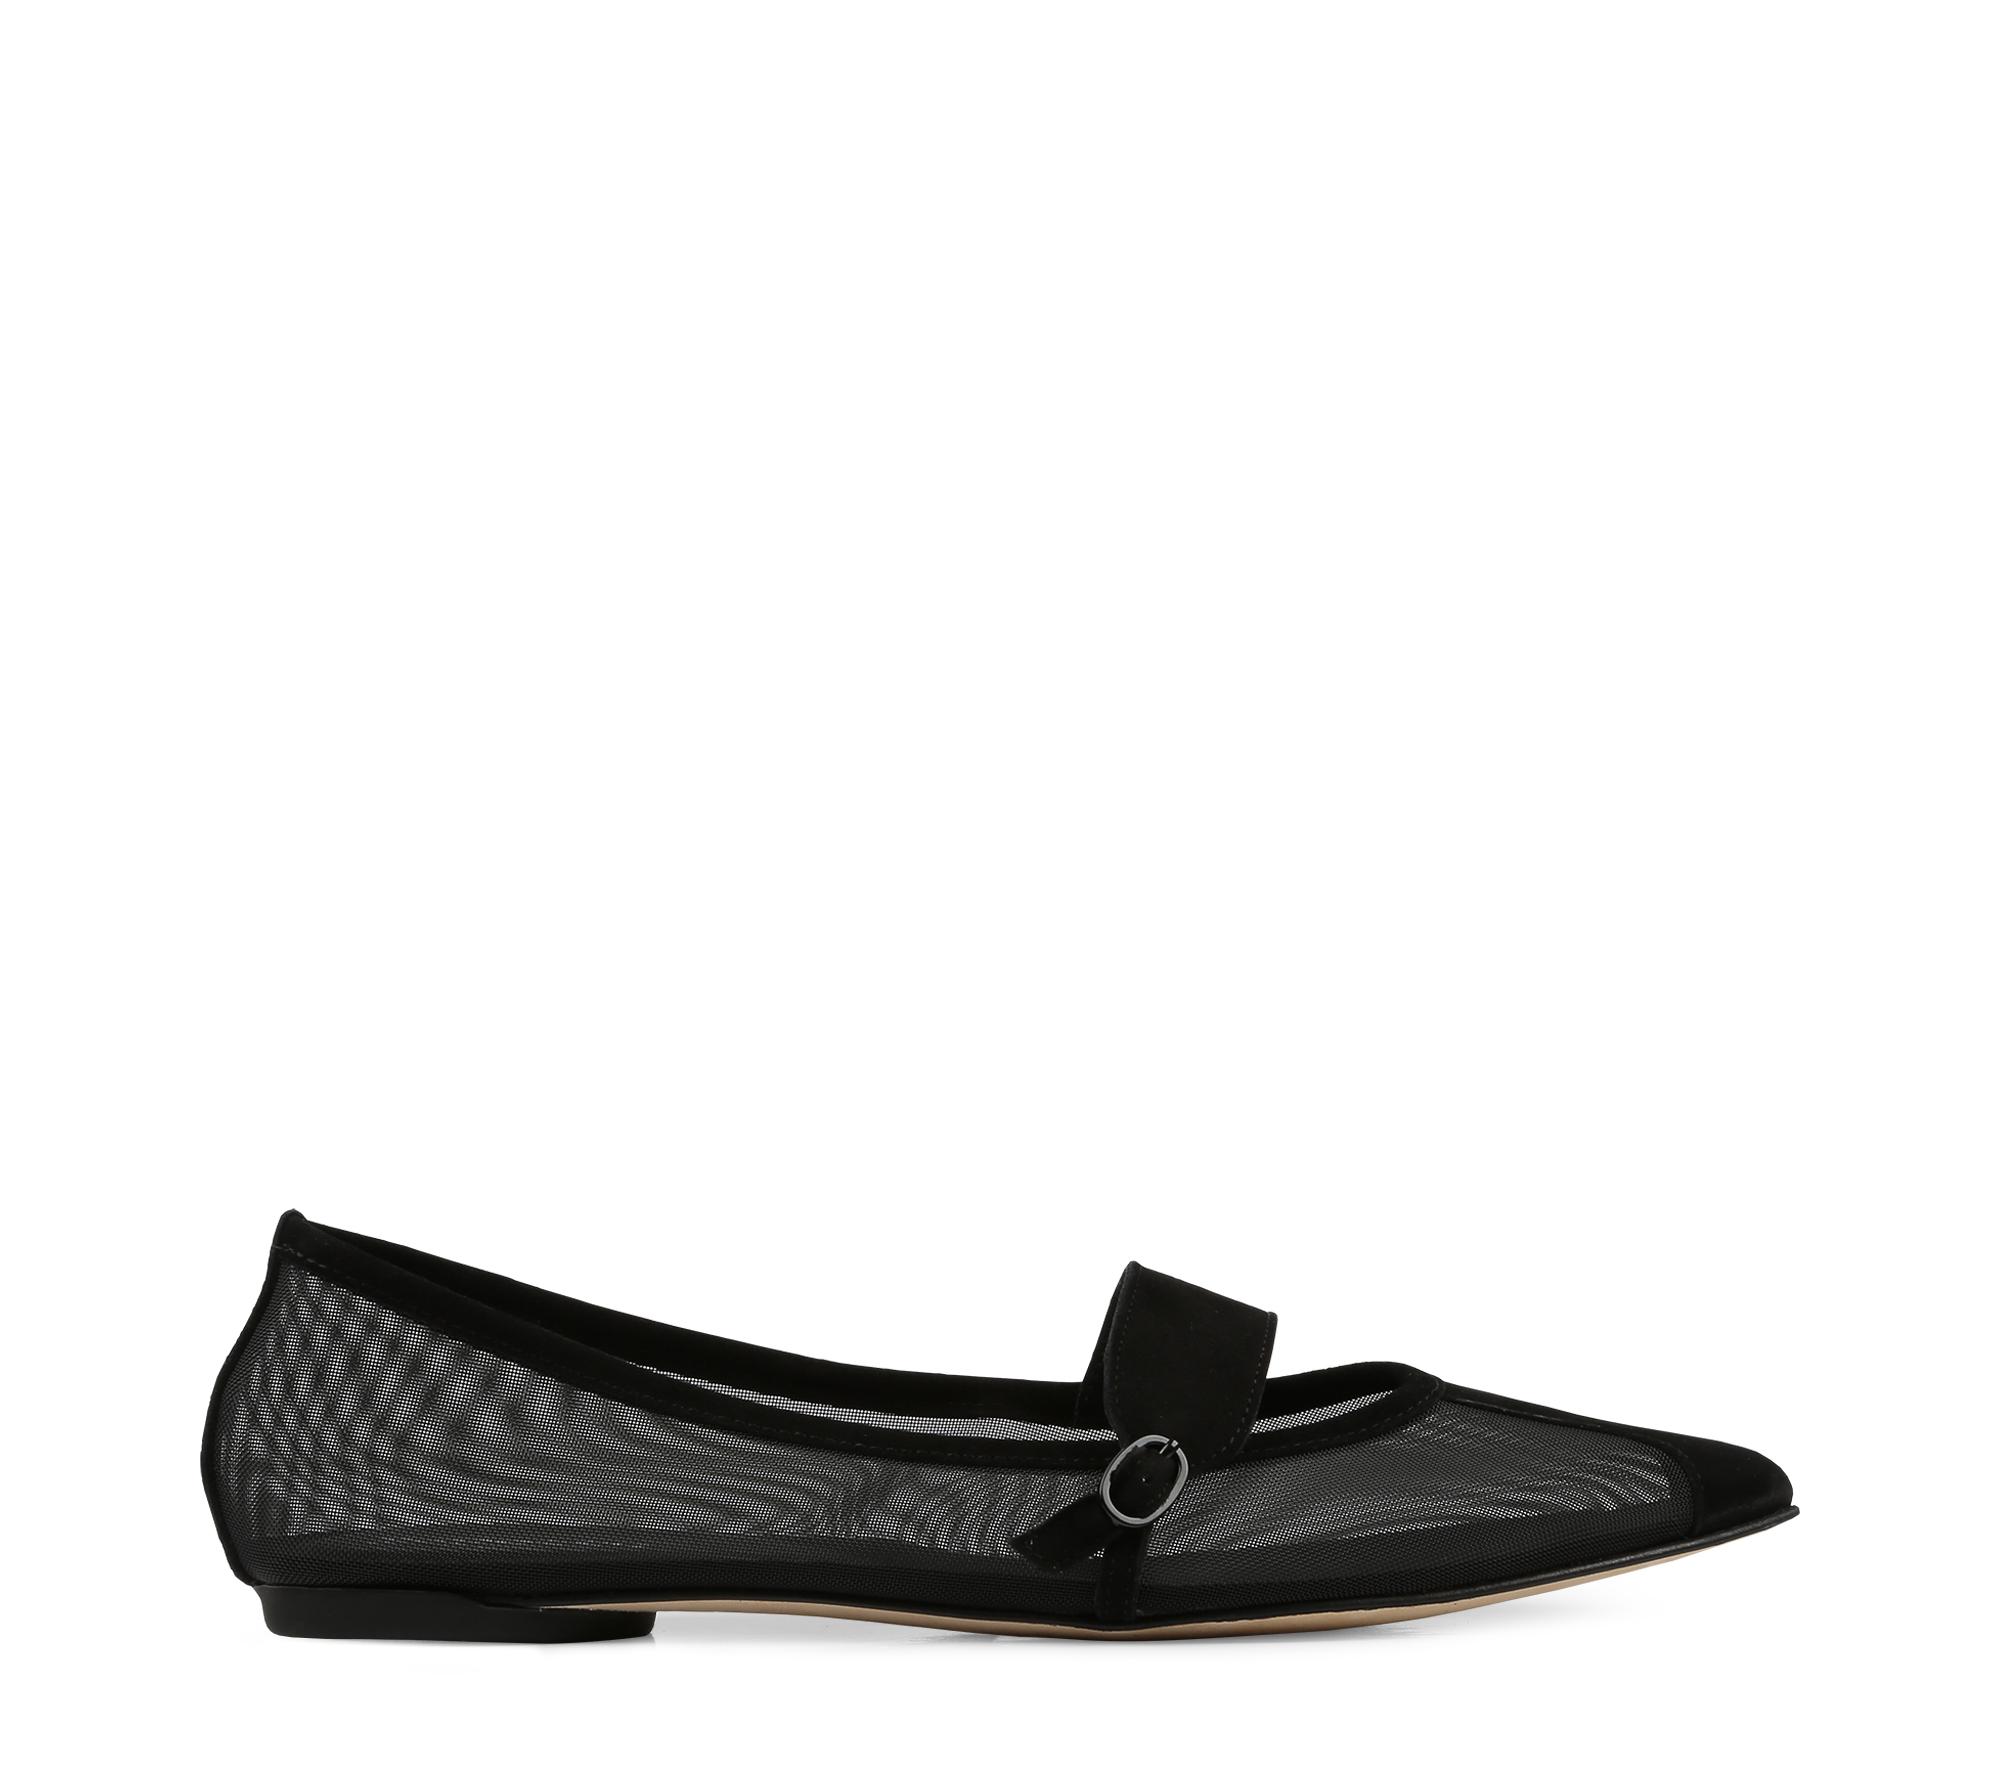 Mytrendshoe Damen Slipper Slip Ons Stoff Ballerinas Freizeit Schuhe Flats 817263, Farbe: Schwarz, Größe: 37